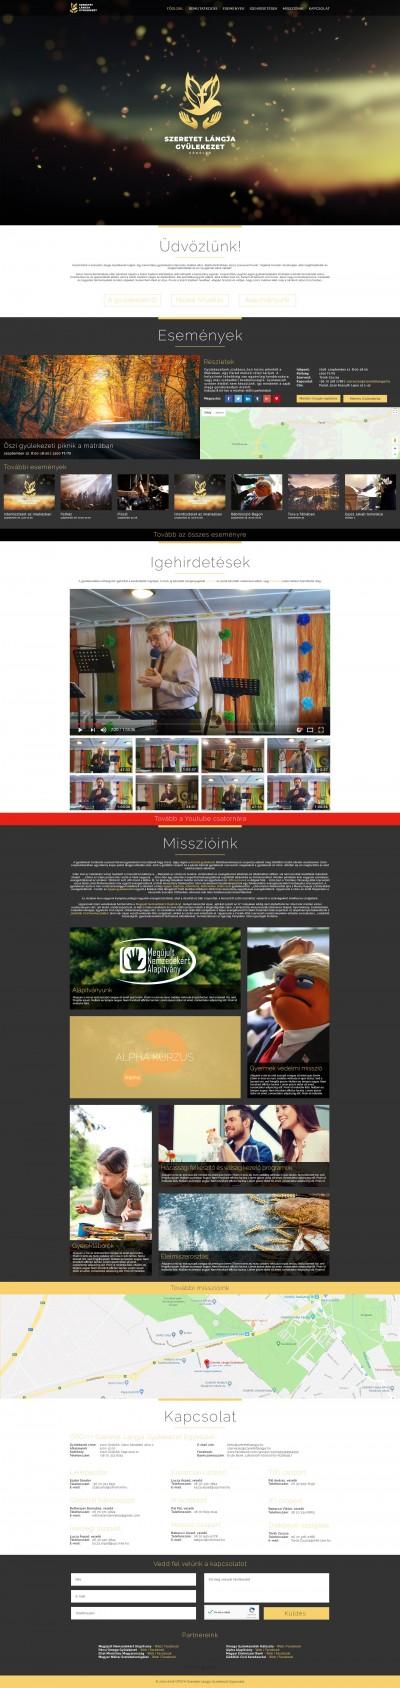 OPGYH Szeretet Lángja Gyülekezet Egyesület webdesign